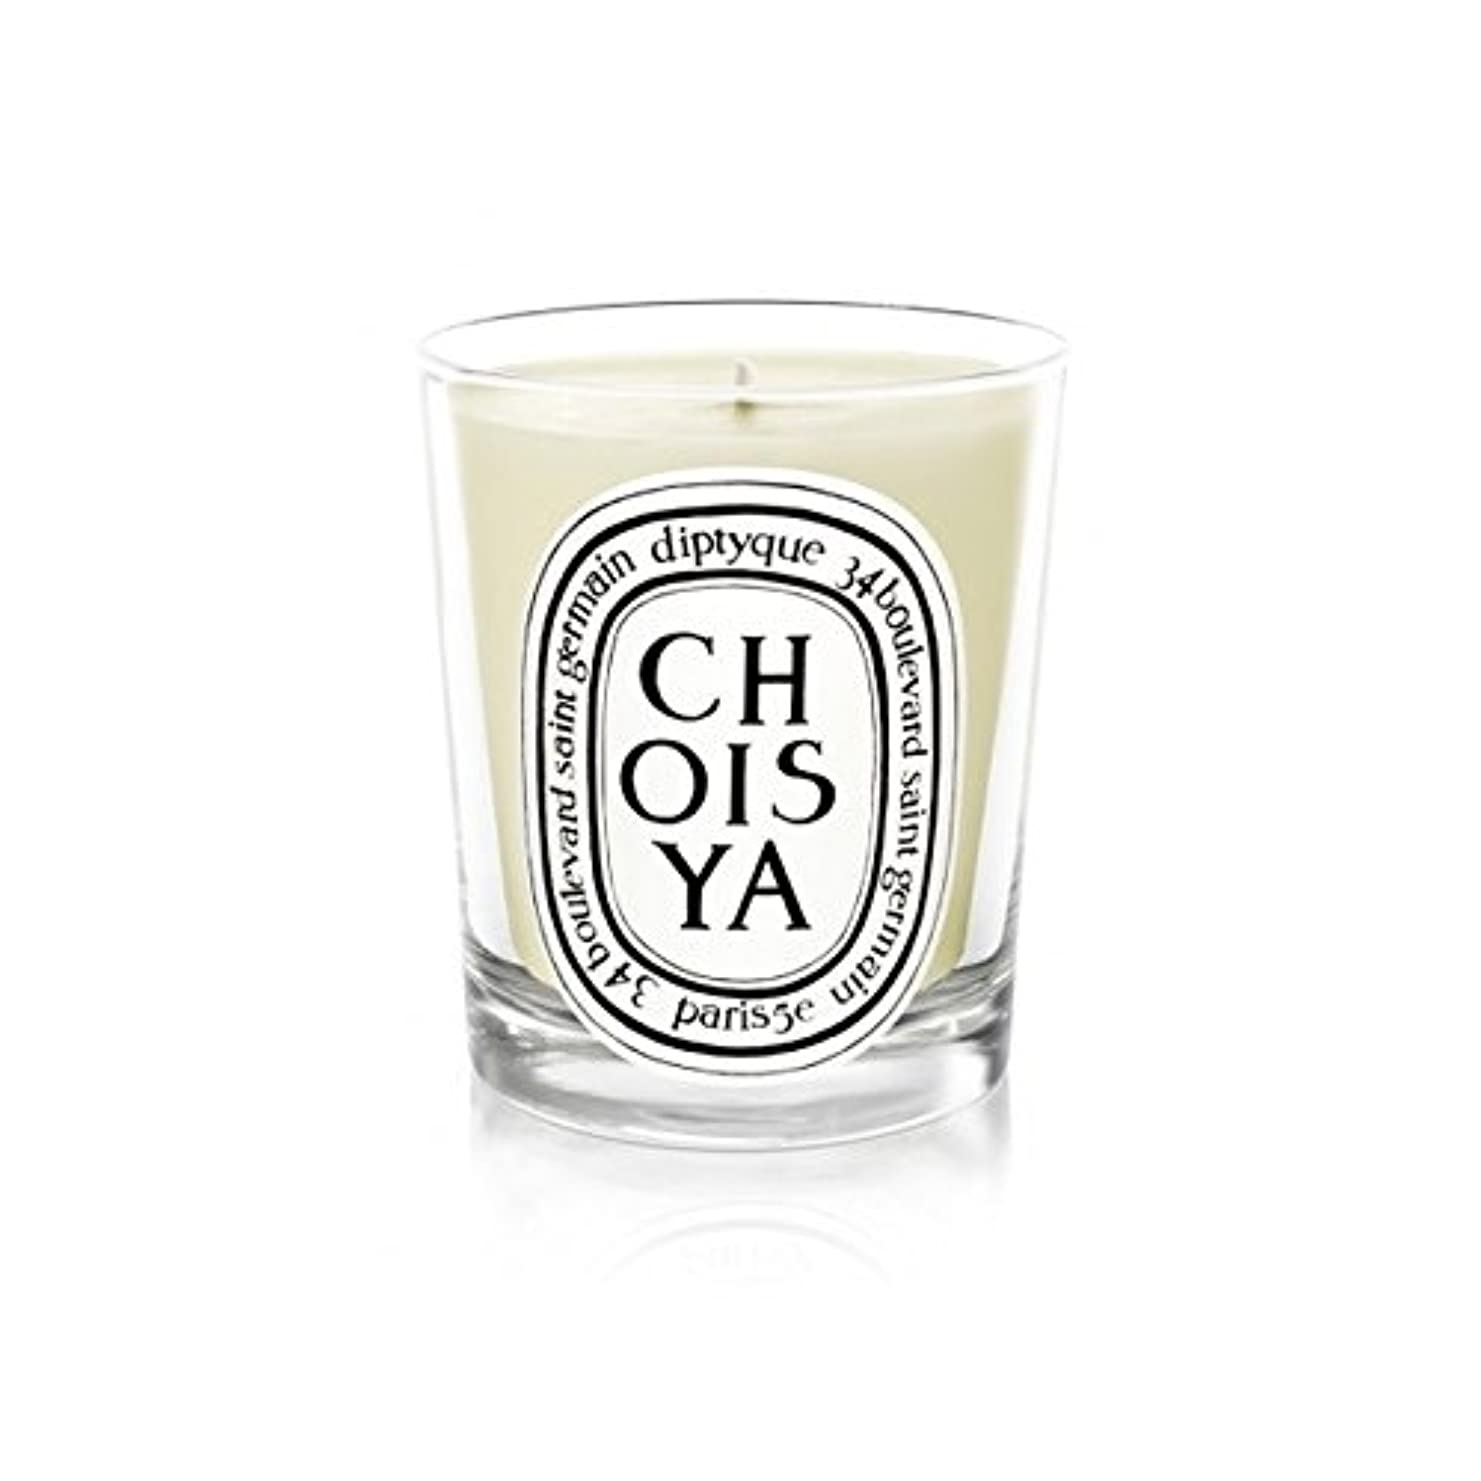 モーターシュリンクアラブ人Diptyque Candle Choisya / Mexican Orange Blossom 190g (Pack of 2) - DiptyqueキャンドルChoisya /メキシコオレンジの花の190グラム (x2...